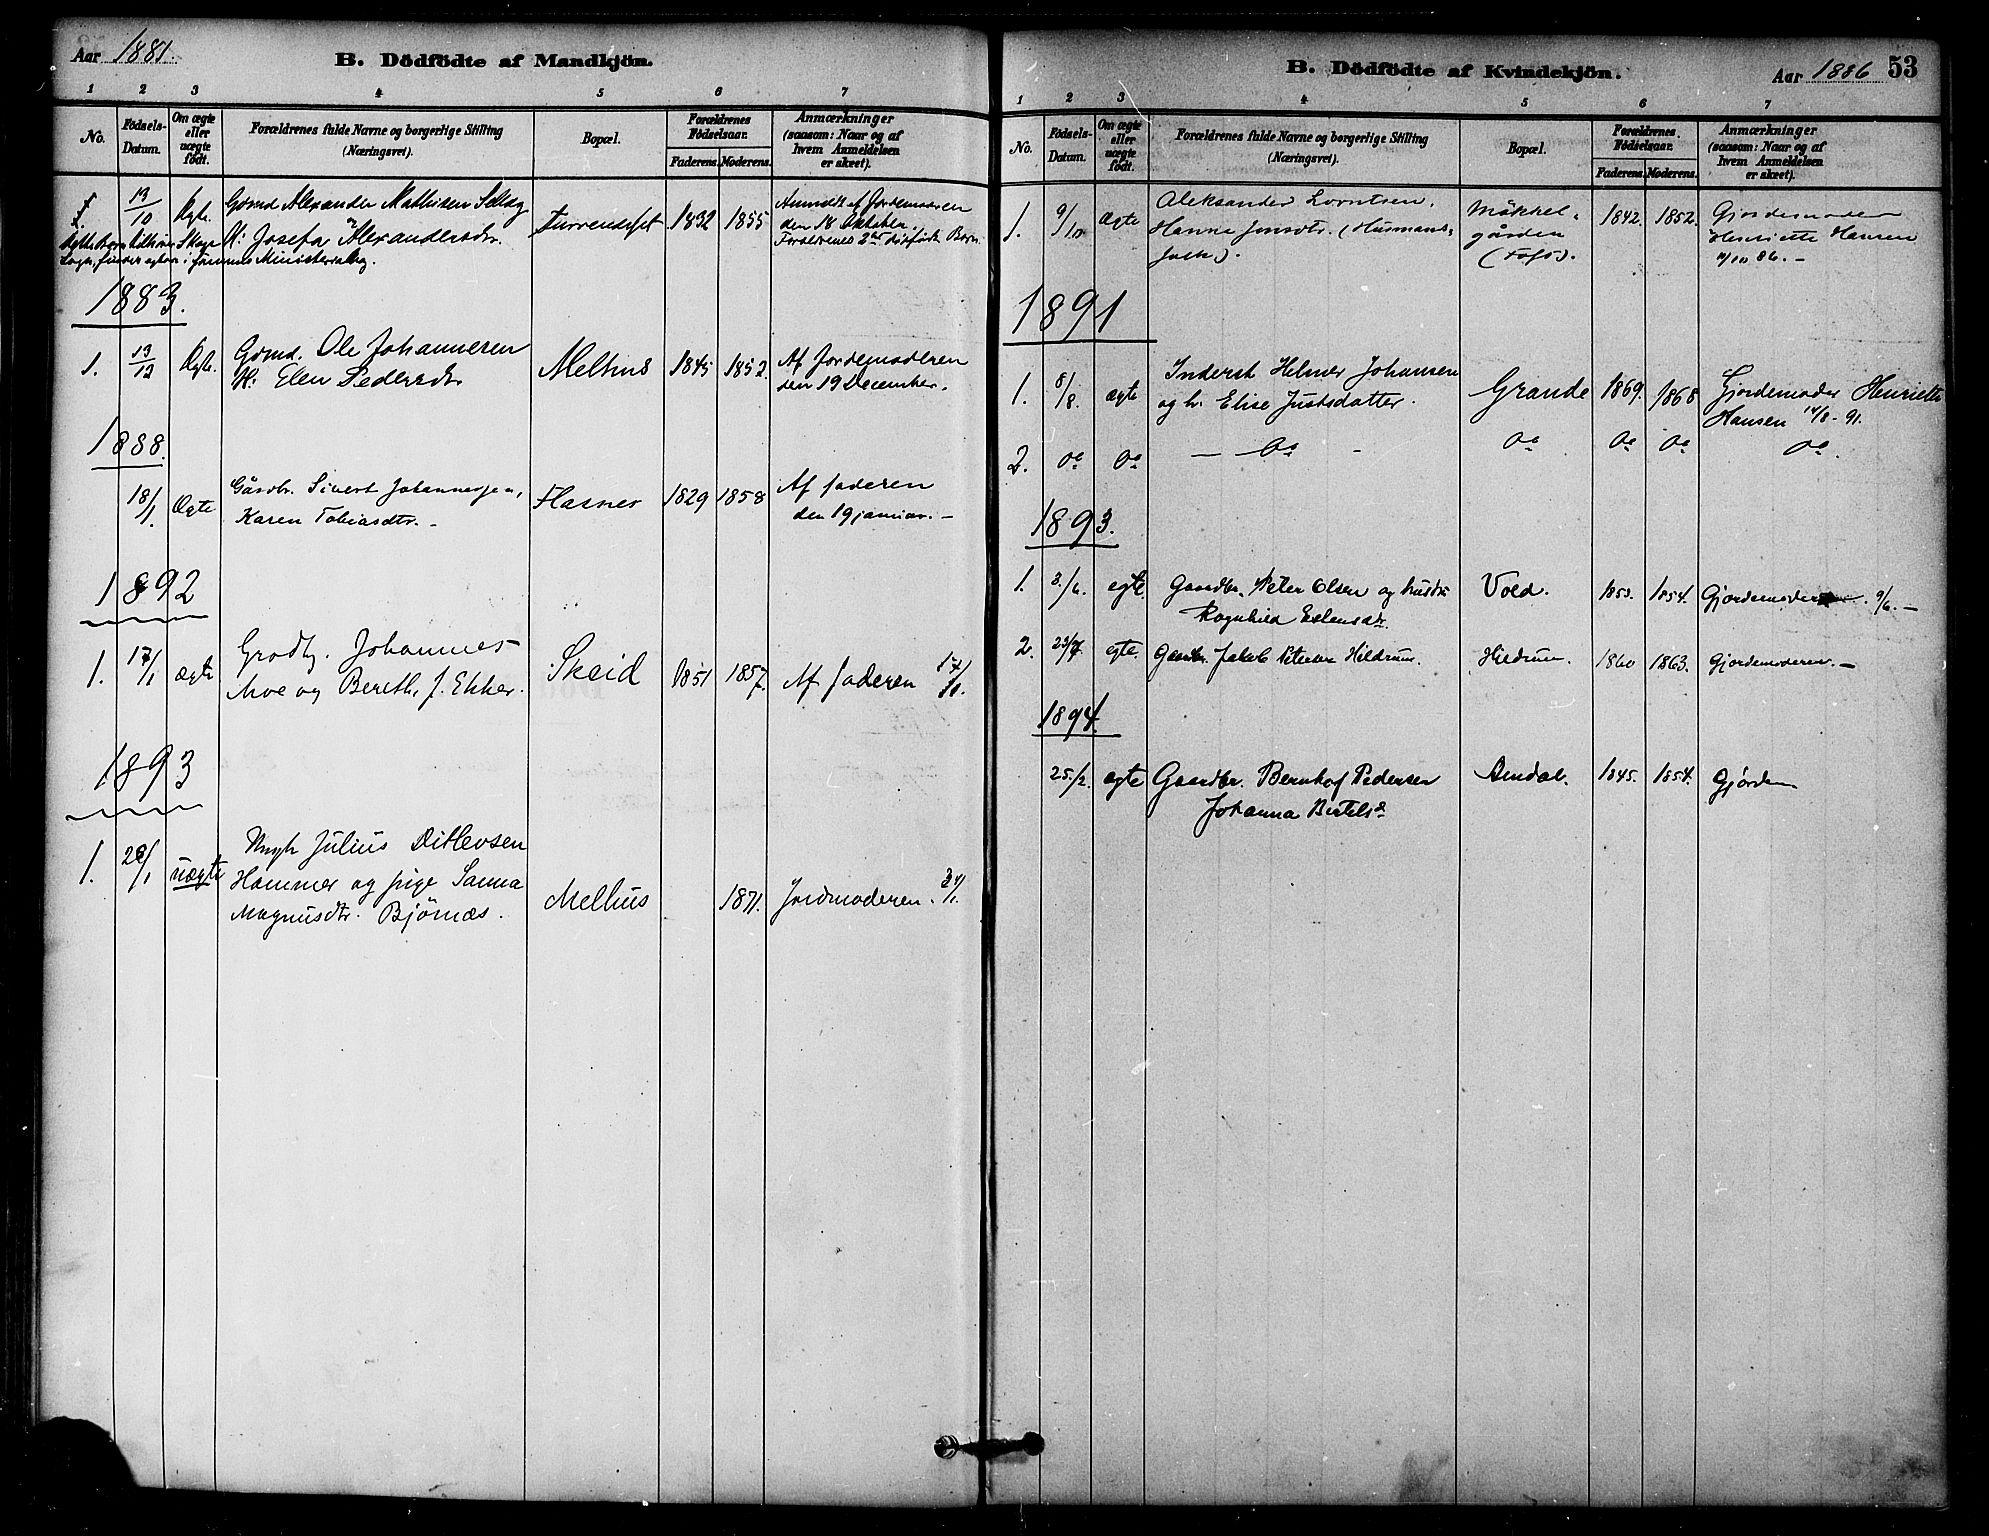 SAT, Ministerialprotokoller, klokkerbøker og fødselsregistre - Nord-Trøndelag, 764/L0555: Ministerialbok nr. 764A10, 1881-1896, s. 53